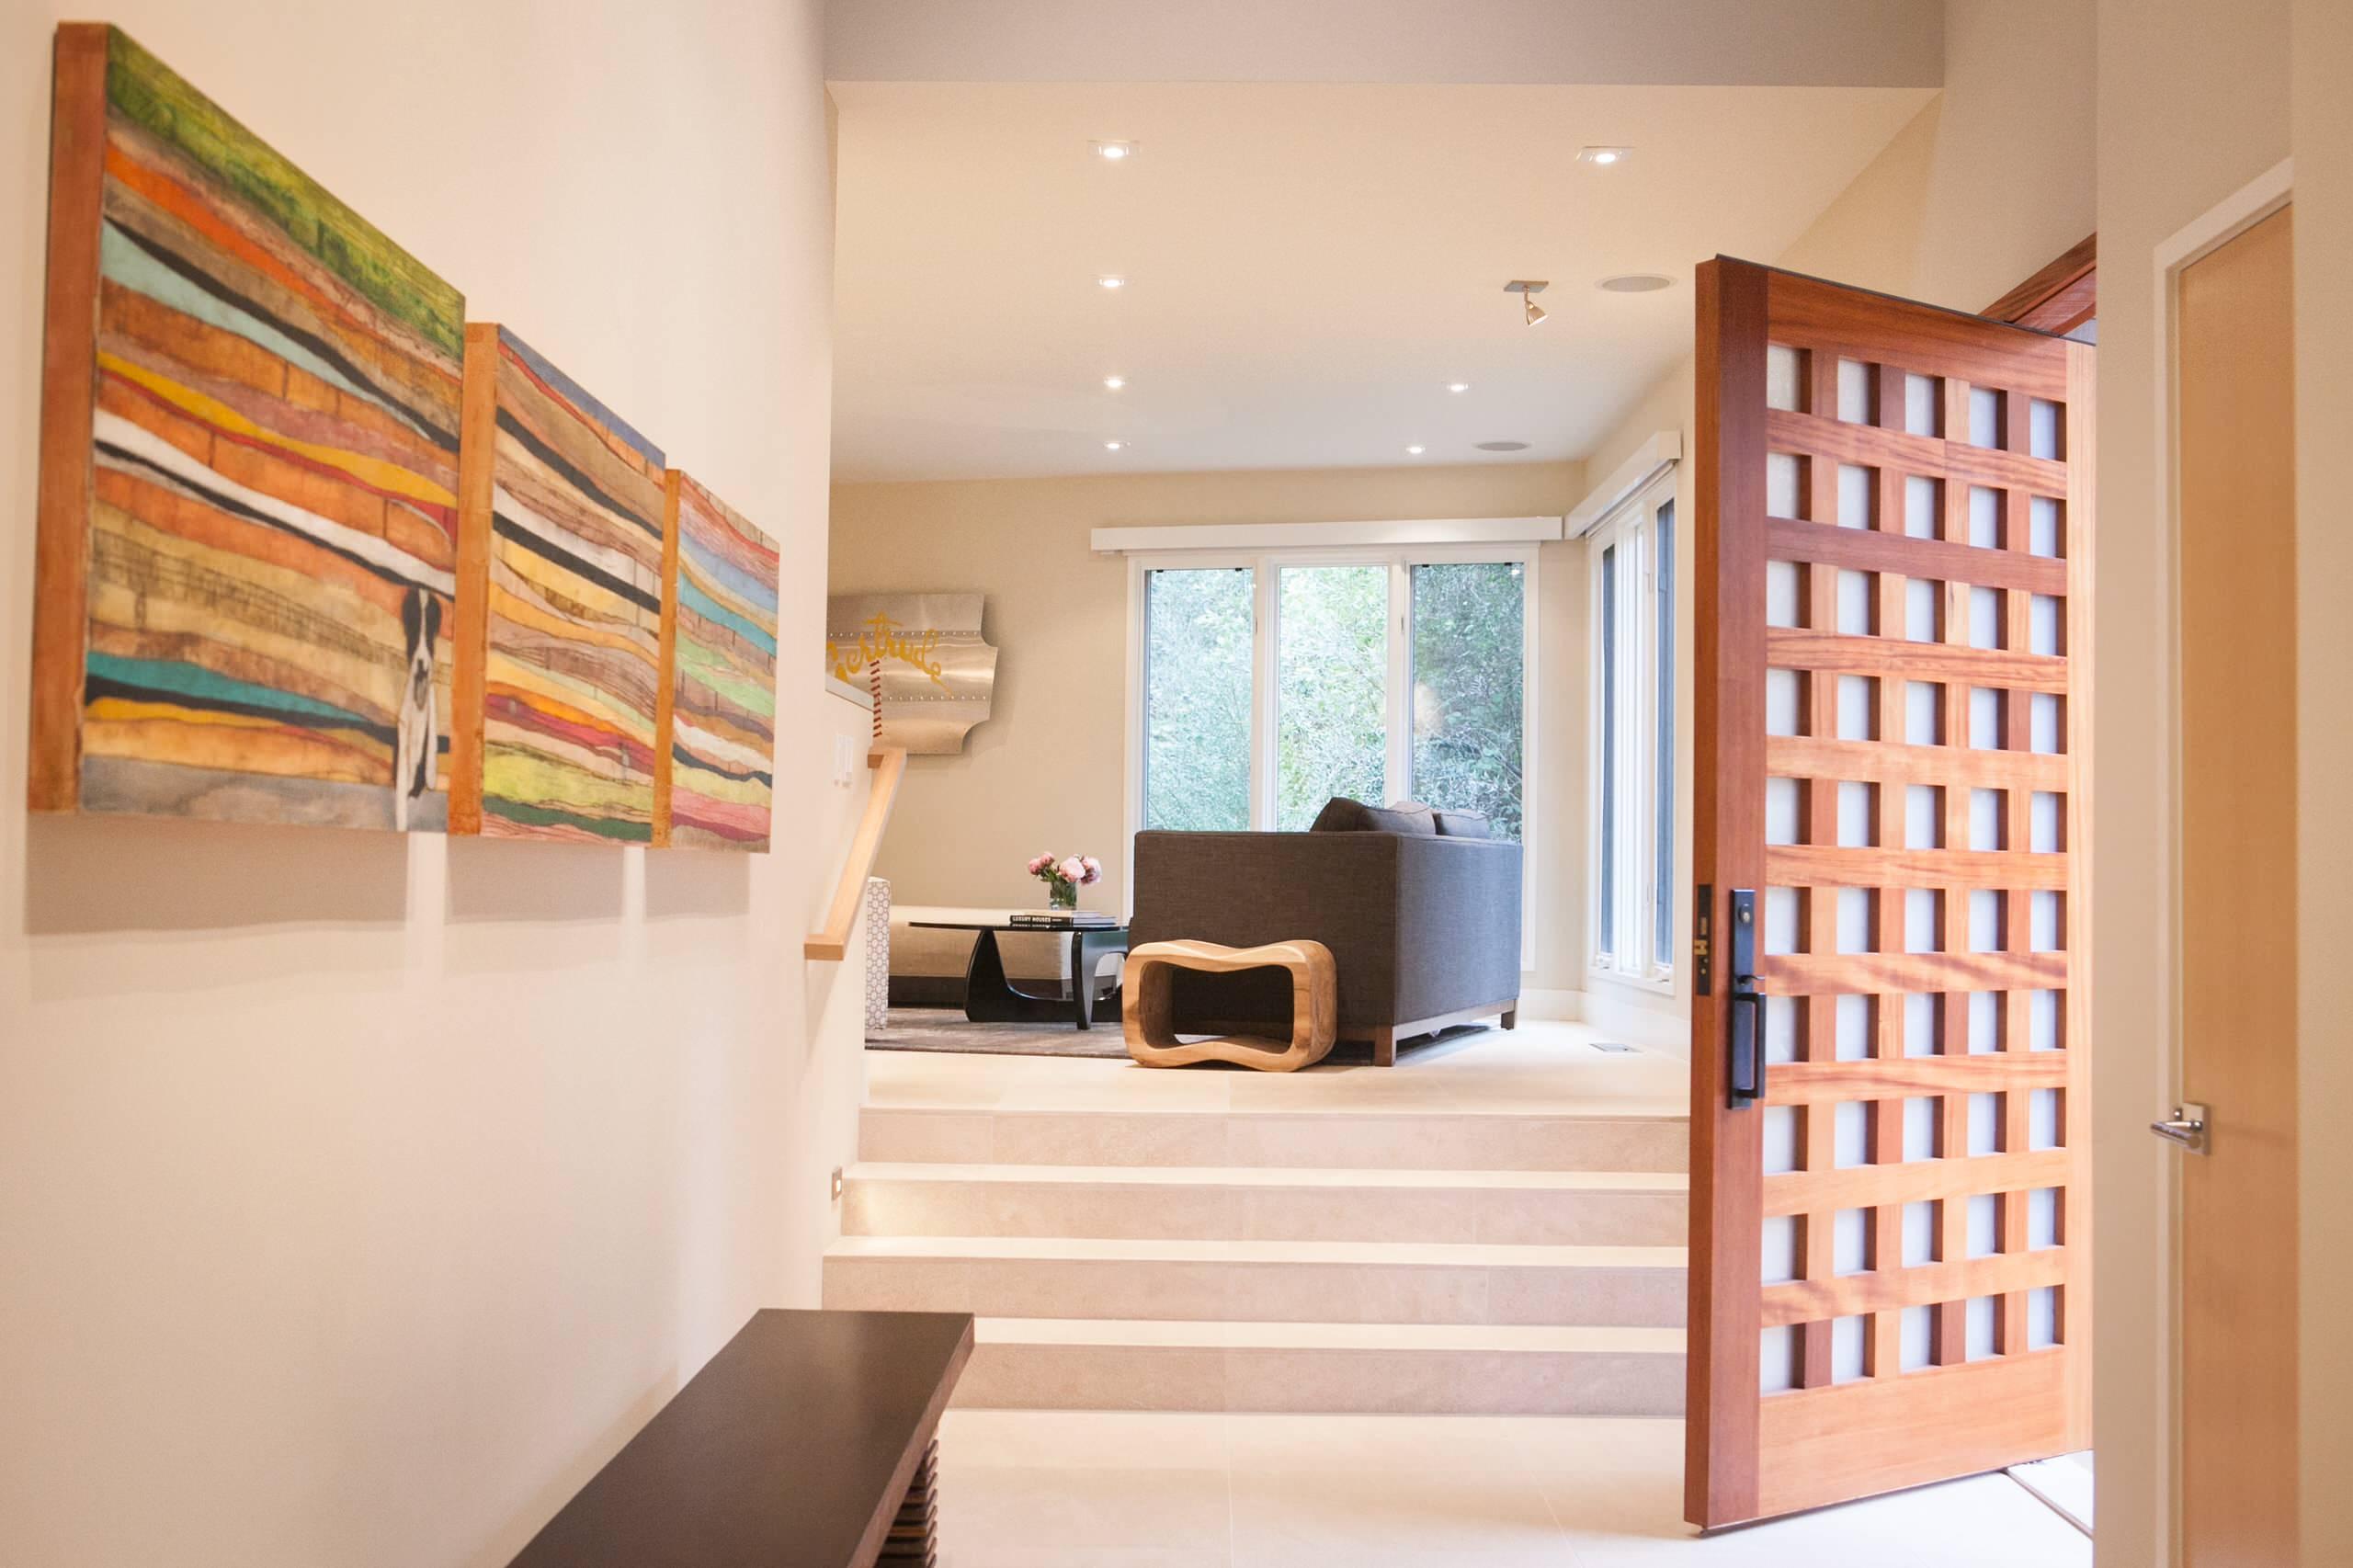 office entry door design  | 557 x 417